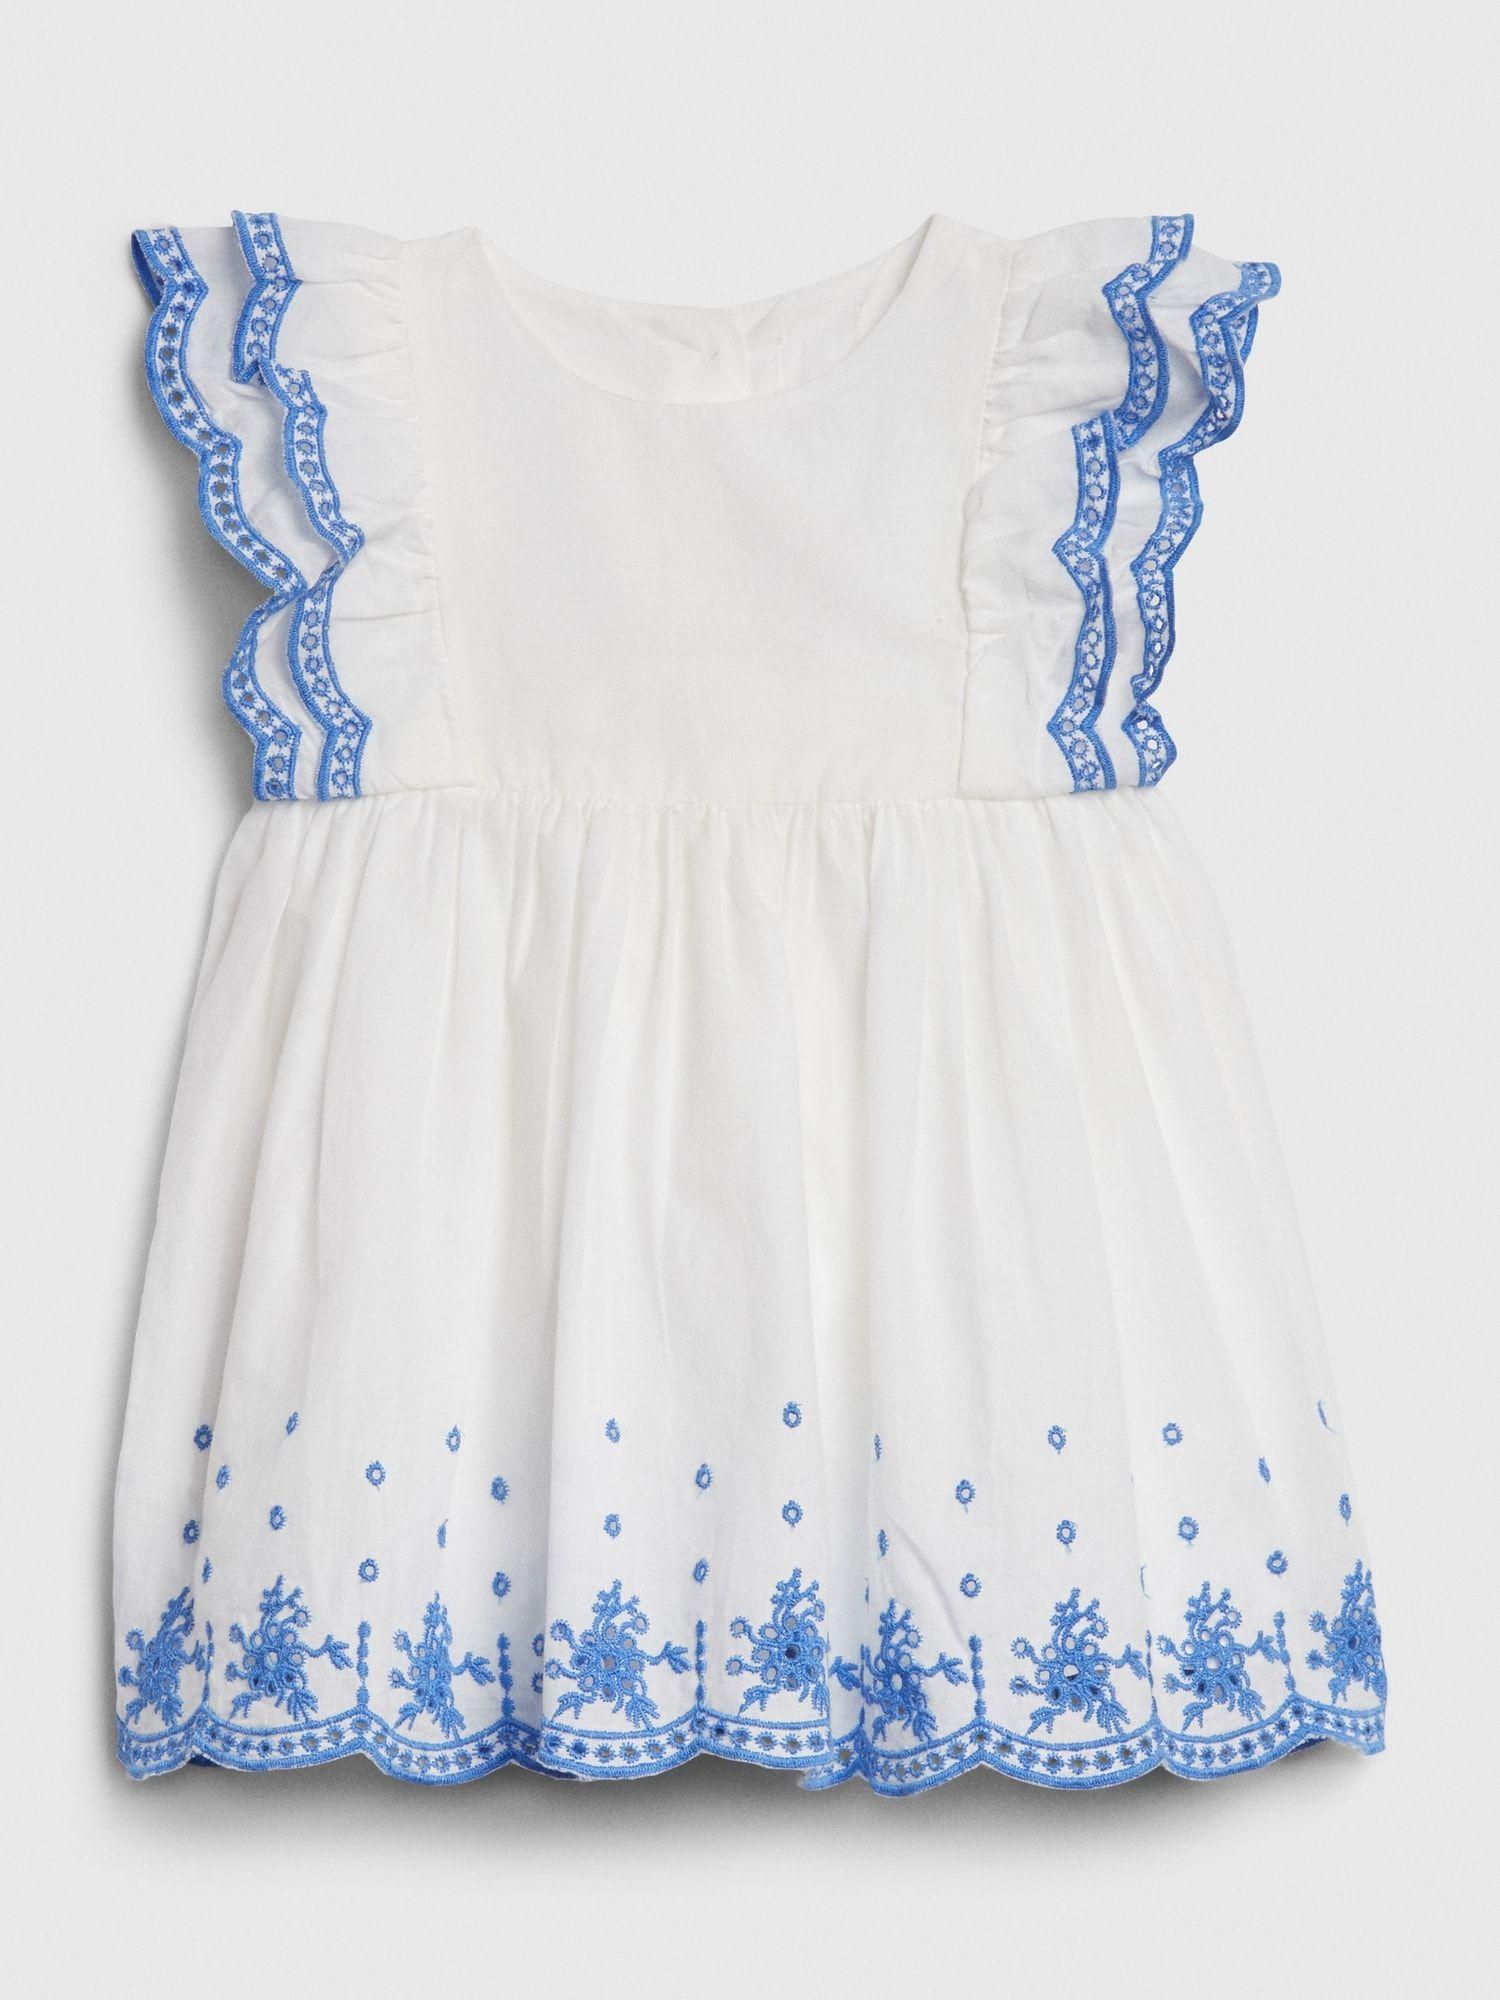 Baby Eyelet Flutter Dress Gap Flutter Dress Baby Eyelet White Dress Summer [ 2000 x 1500 Pixel ]